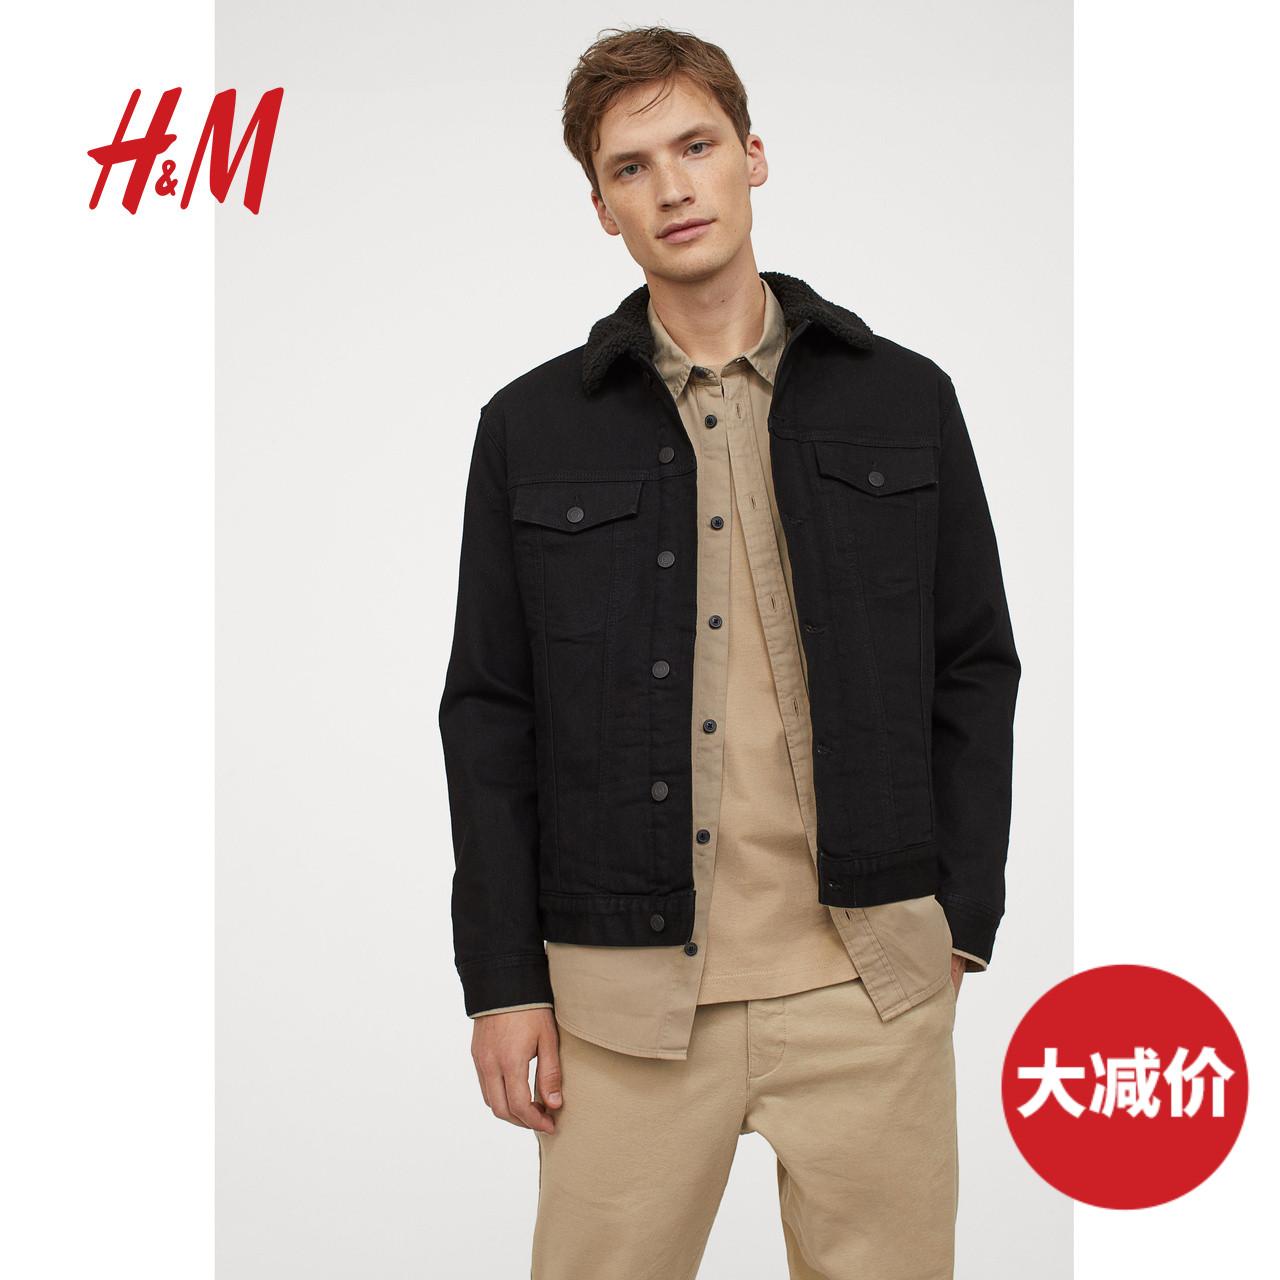 HM 男装男士外套2020新款翻毛领拼接工装牛仔加绒夹克男潮0551504